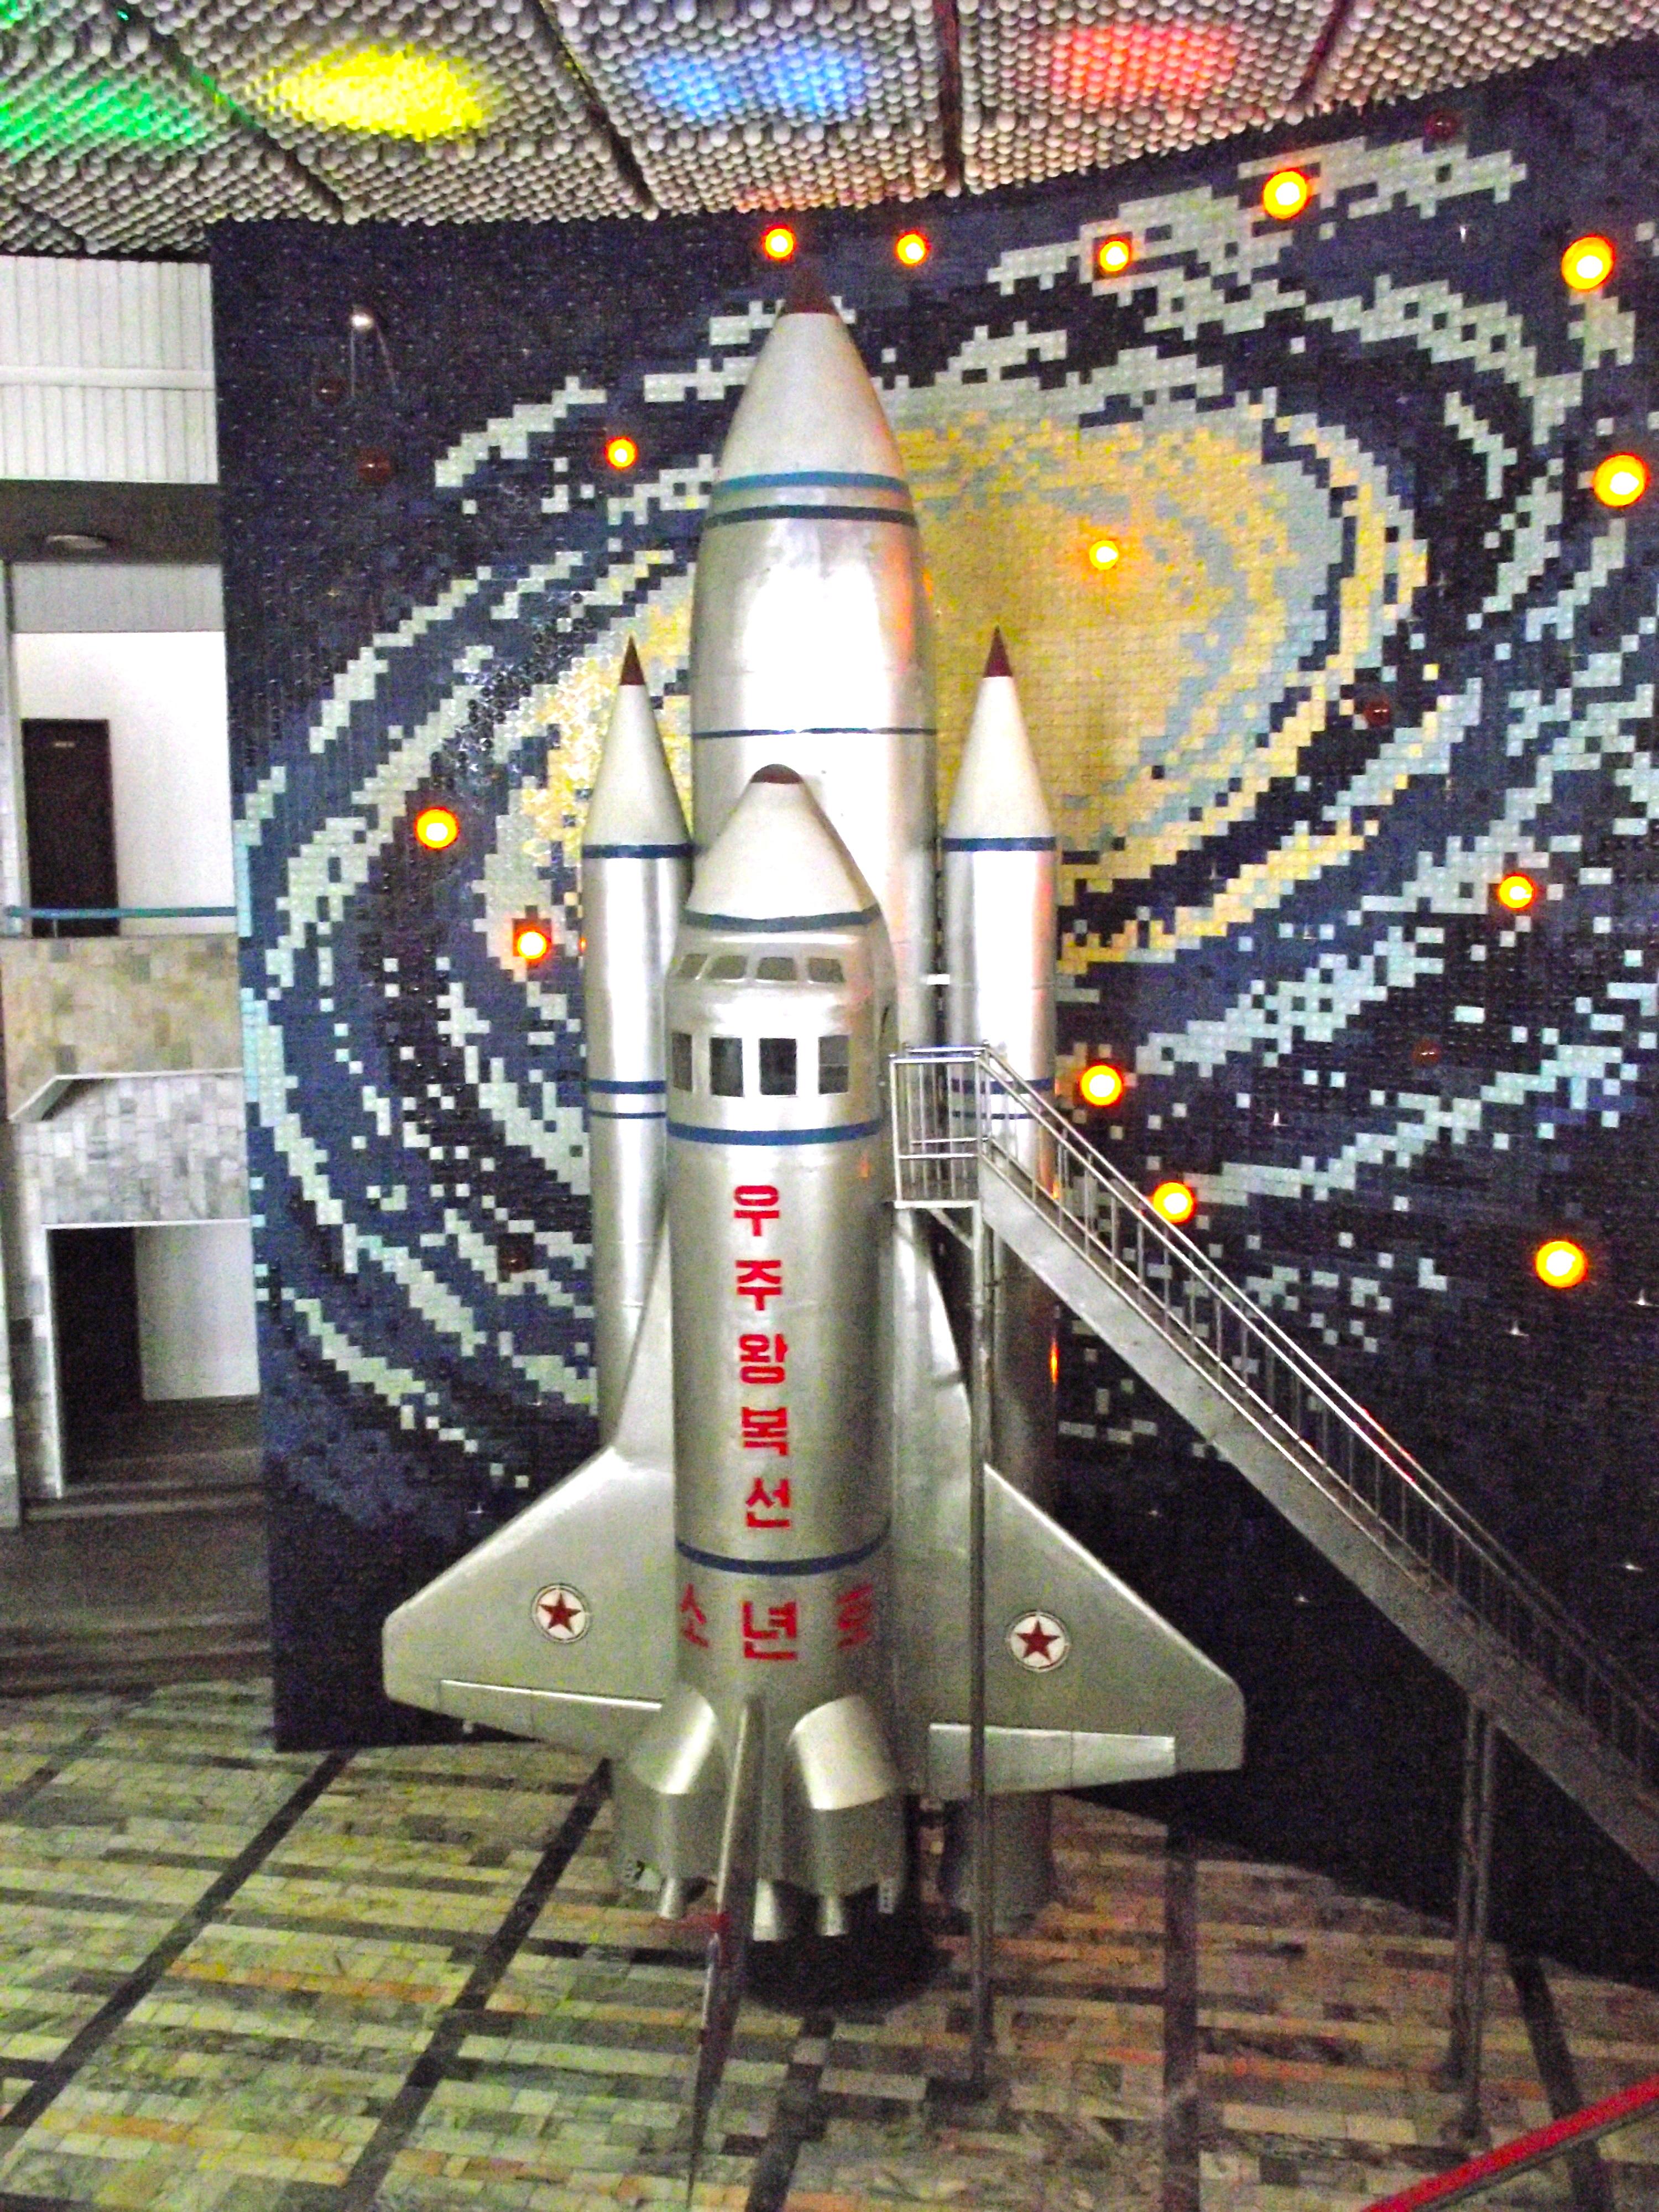 North_Korean_space_shuttle_(6074284468).